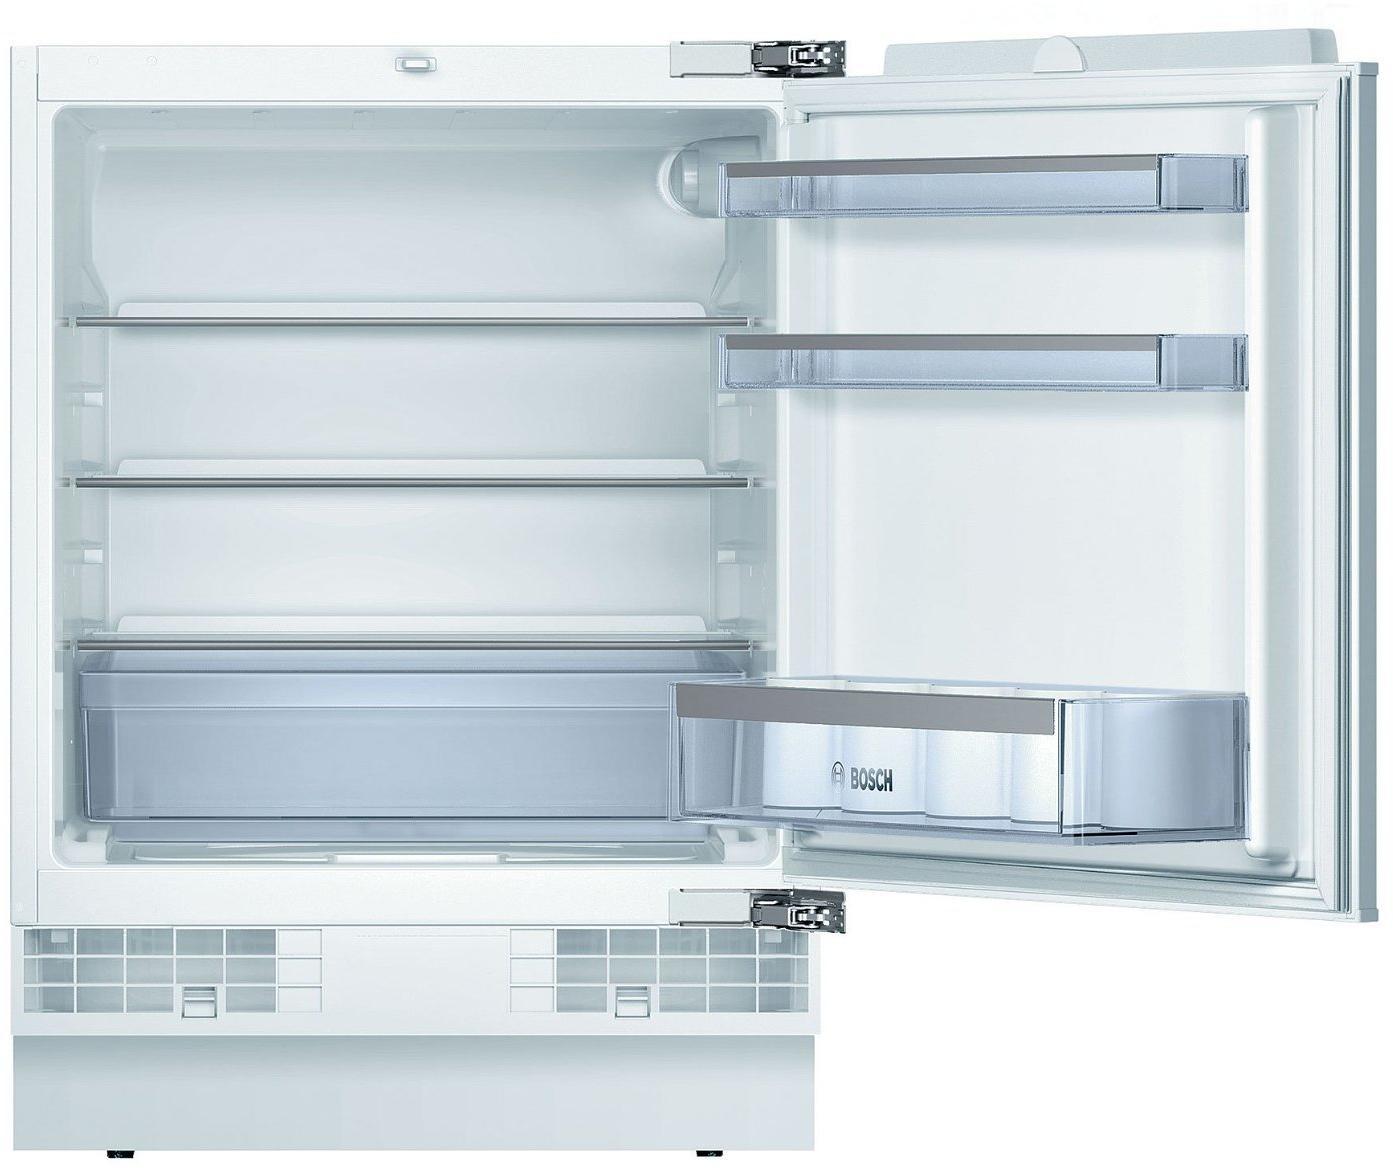 Hervorragend Bosch KUR15A60 A++ Unterbaukühlschrank, Weiß, 59,8 Cm Breit, 137 Liter,